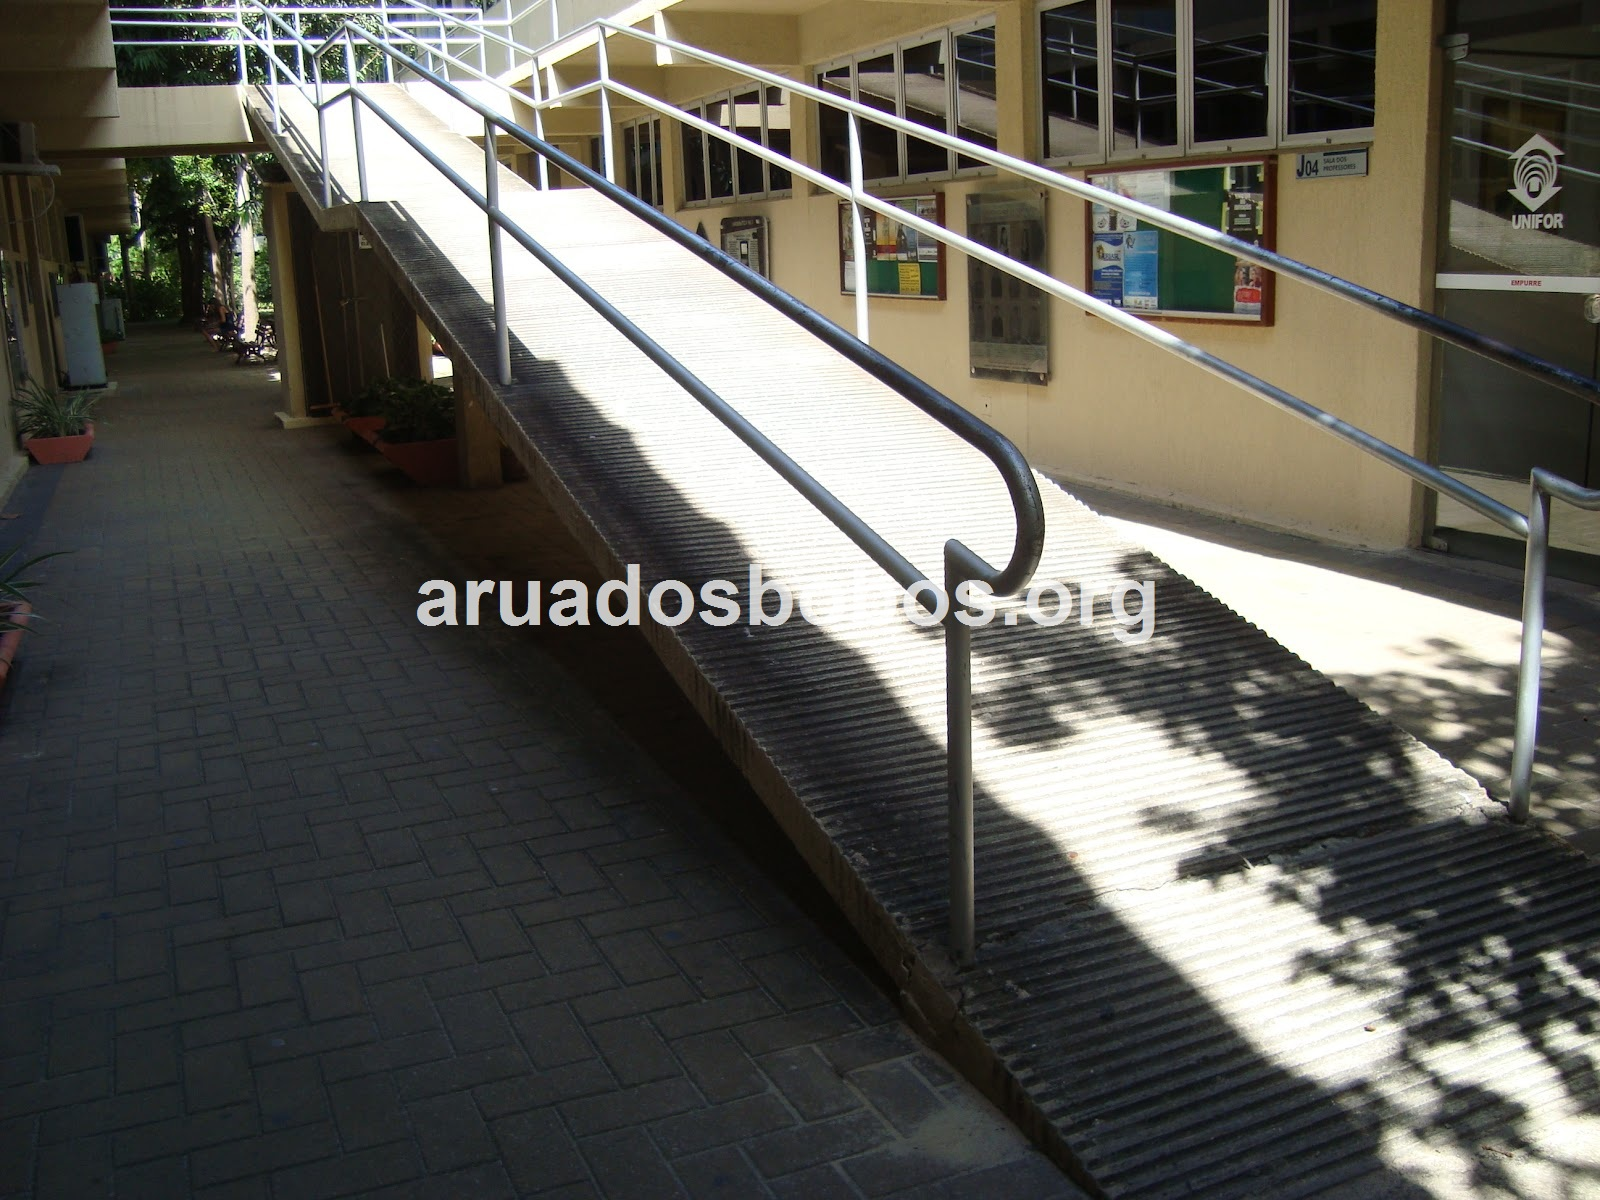 Rua dos Bobos: Acessibilidade na Unifor. Cadê? #7F6F4C 1600x1200 Banheiro Acessibilidade Bloco Cad